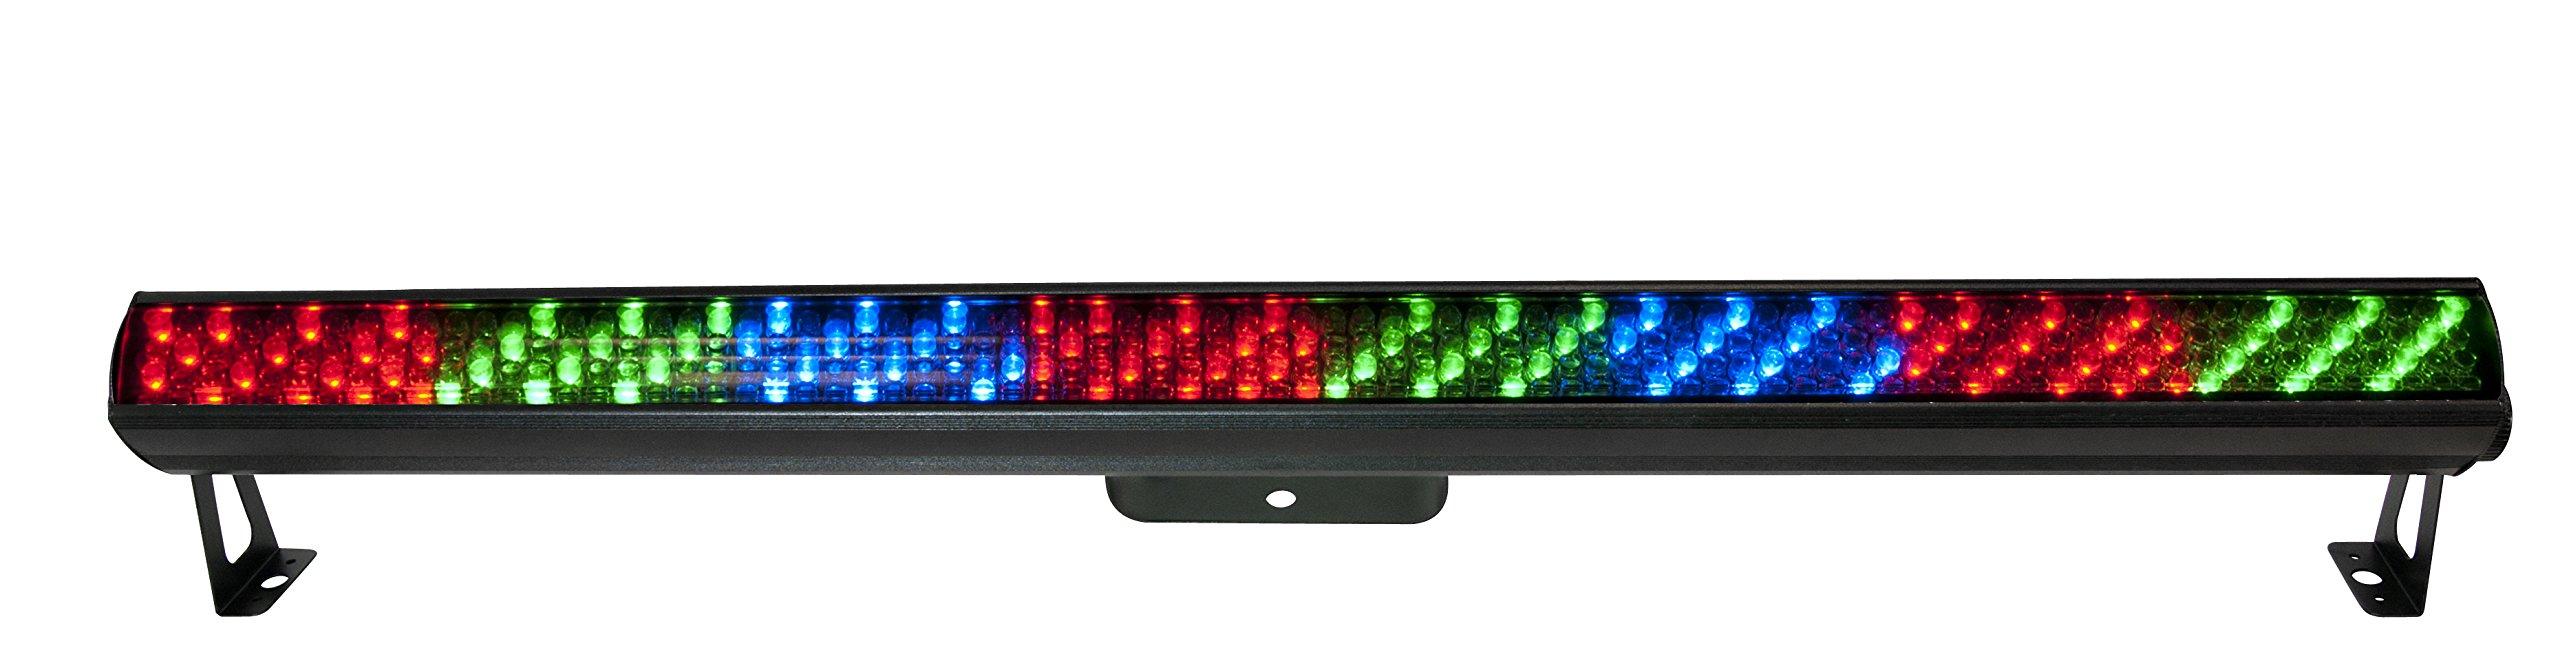 CHAUVET DJ COLORrail IRC LED Linear Wash/Effect Light